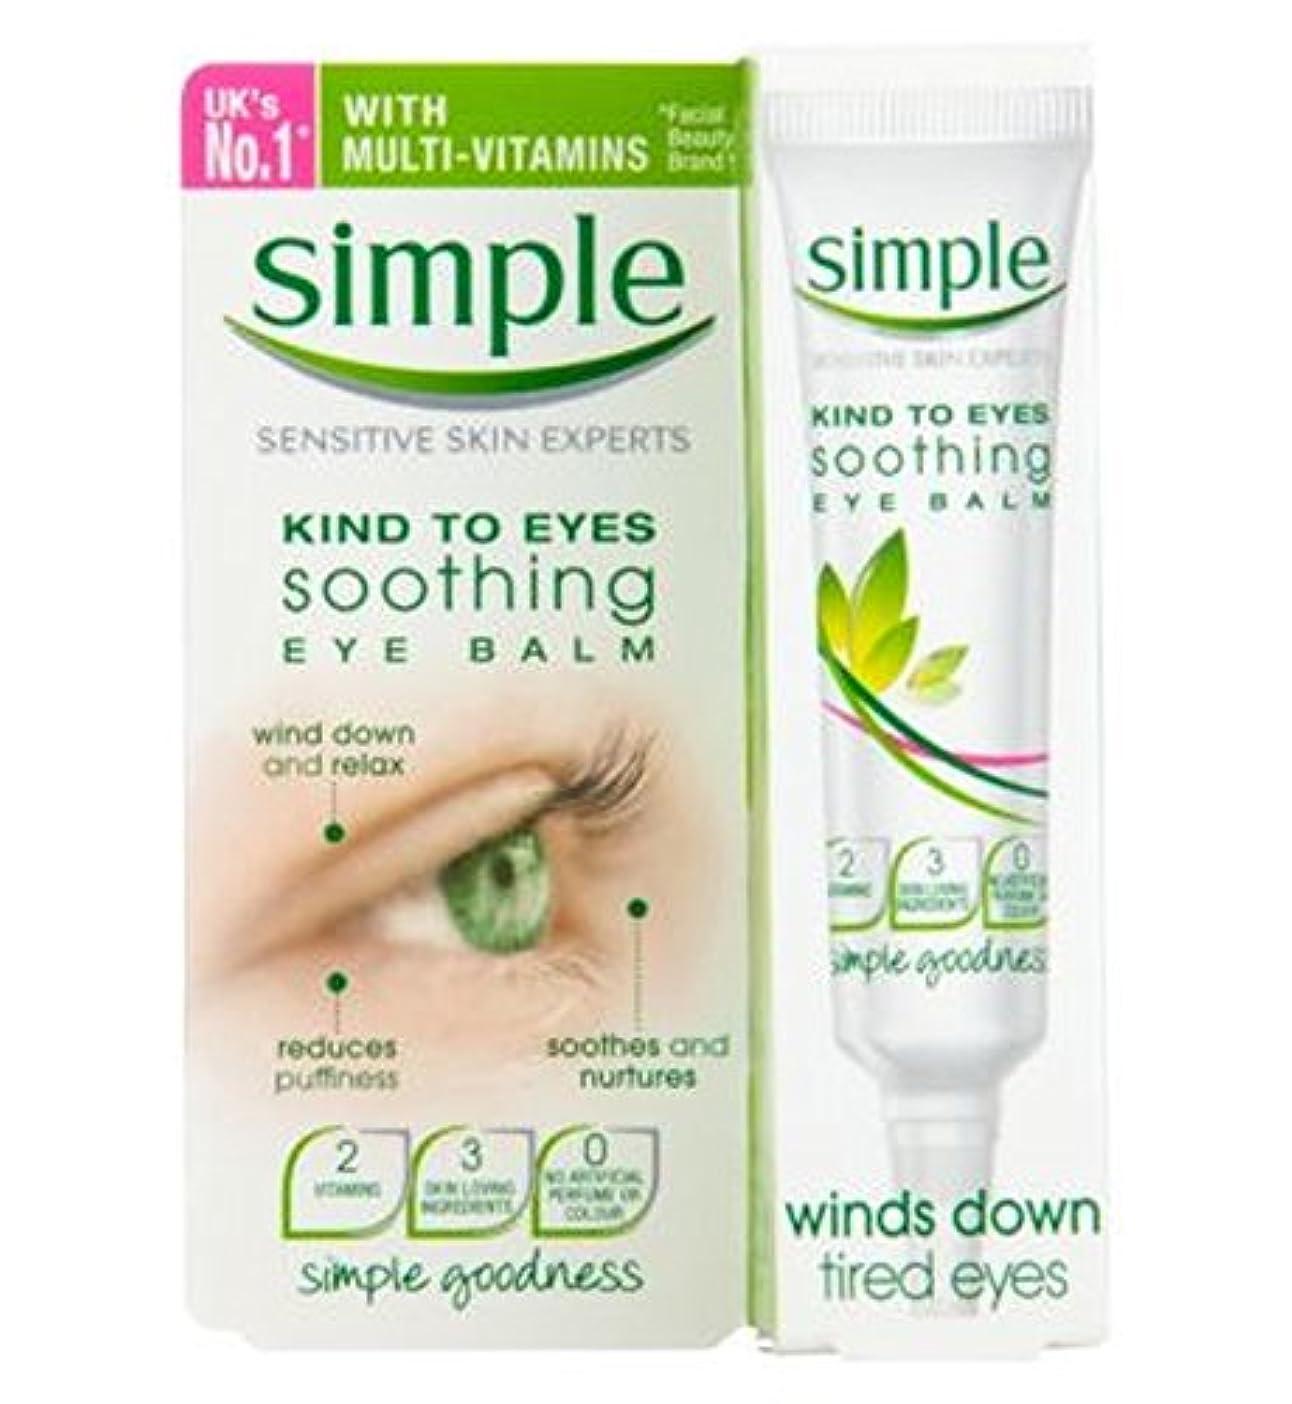 みぞれ鮮やかな眠いです目への単純な親切な落ち着いたアイクリーム15ミリリットル (Simple) (x2) - Simple Kind To Eyes Soothing Eye Balm 15ml (Pack of 2) [並行輸入品]